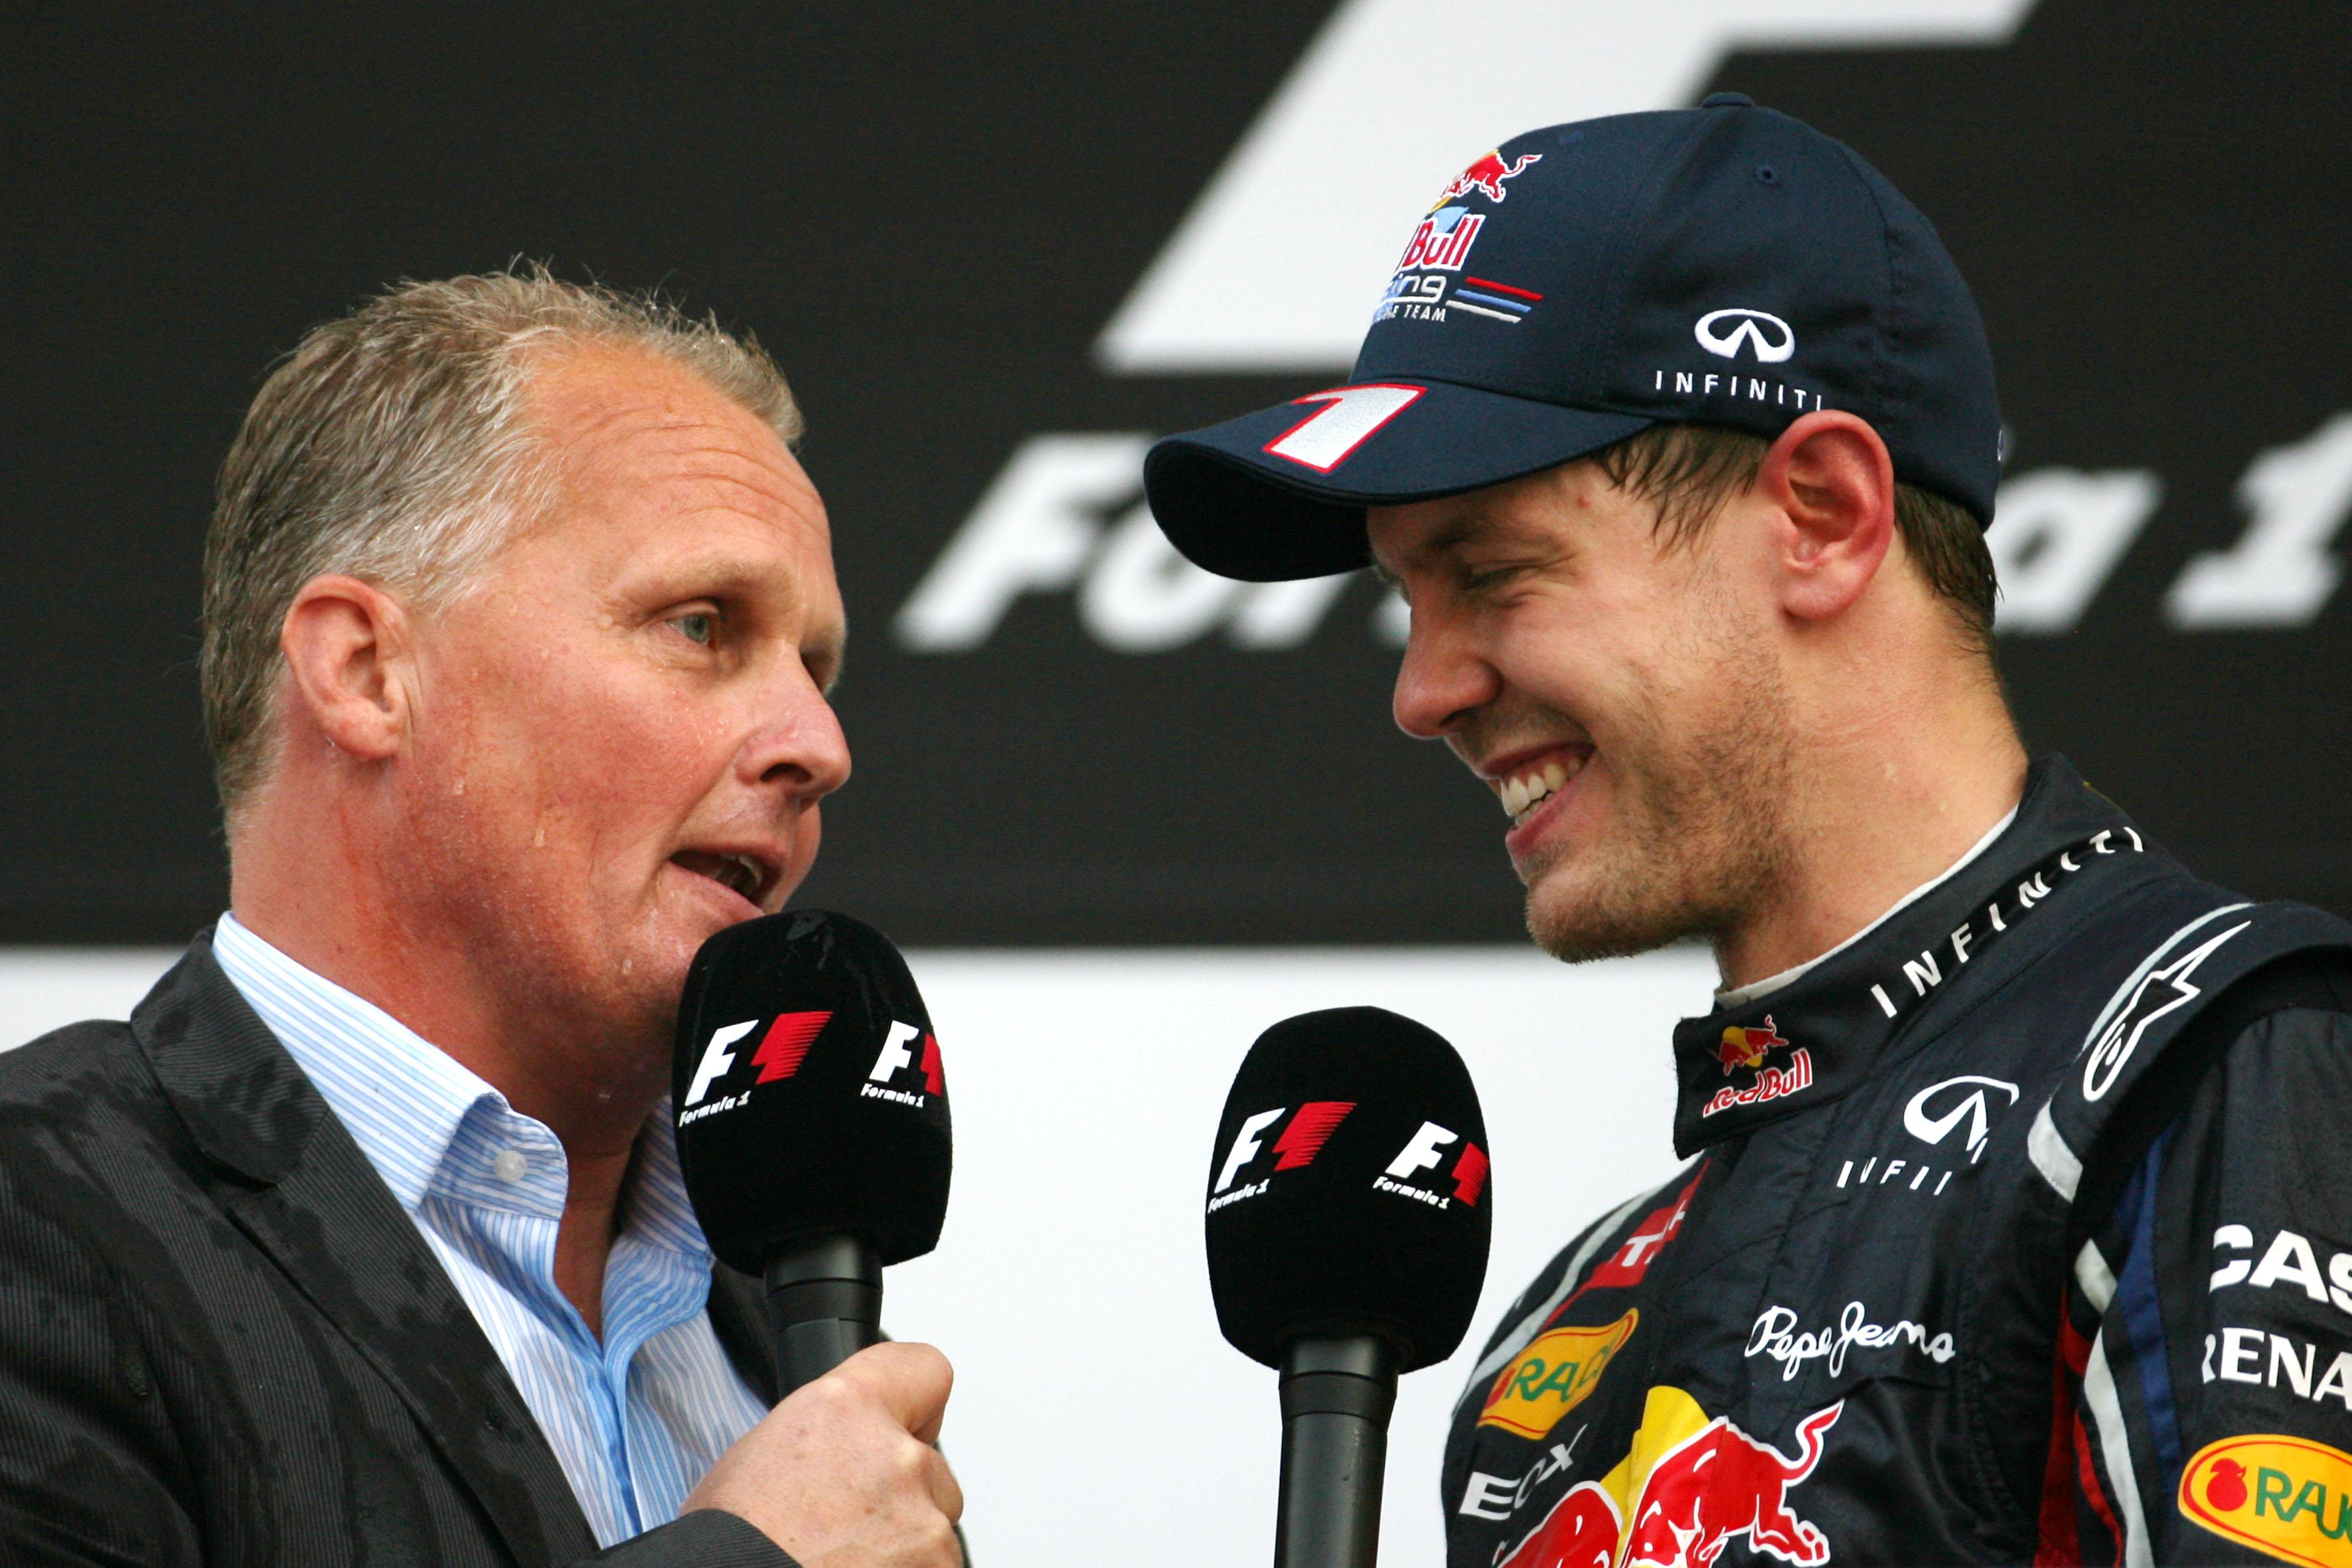 Sebastian Vettel Johnny Herbert F1 2020